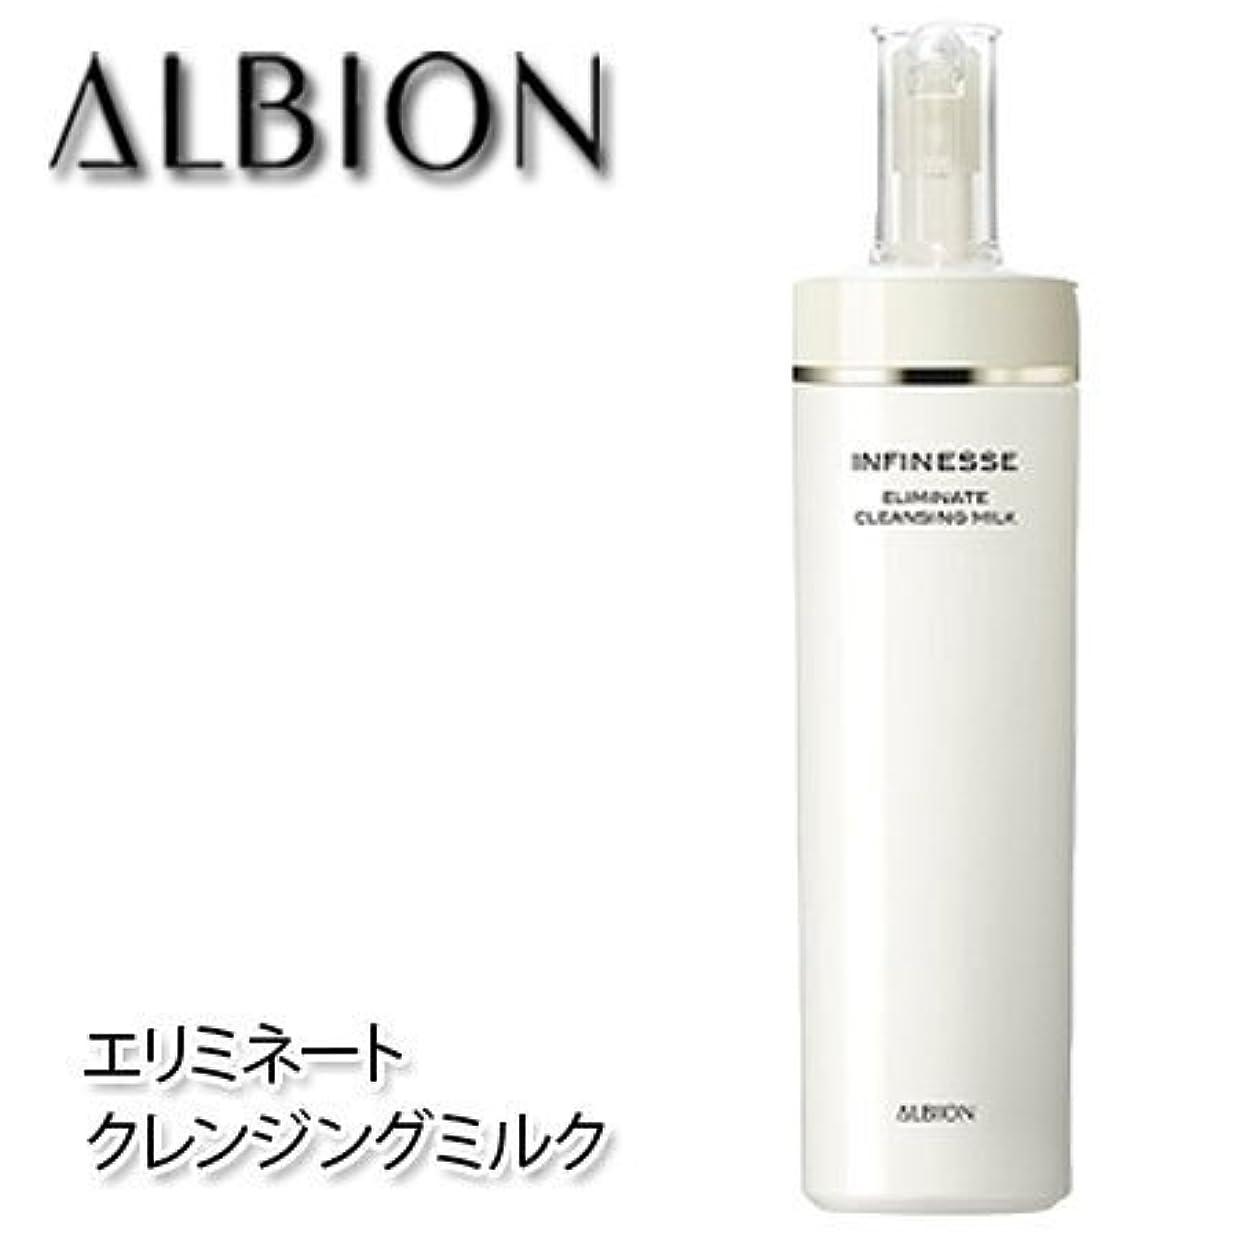 誤しわブランドアルビオン アンフィネス エリミネート クレンジングミルク 200g-ALBION-